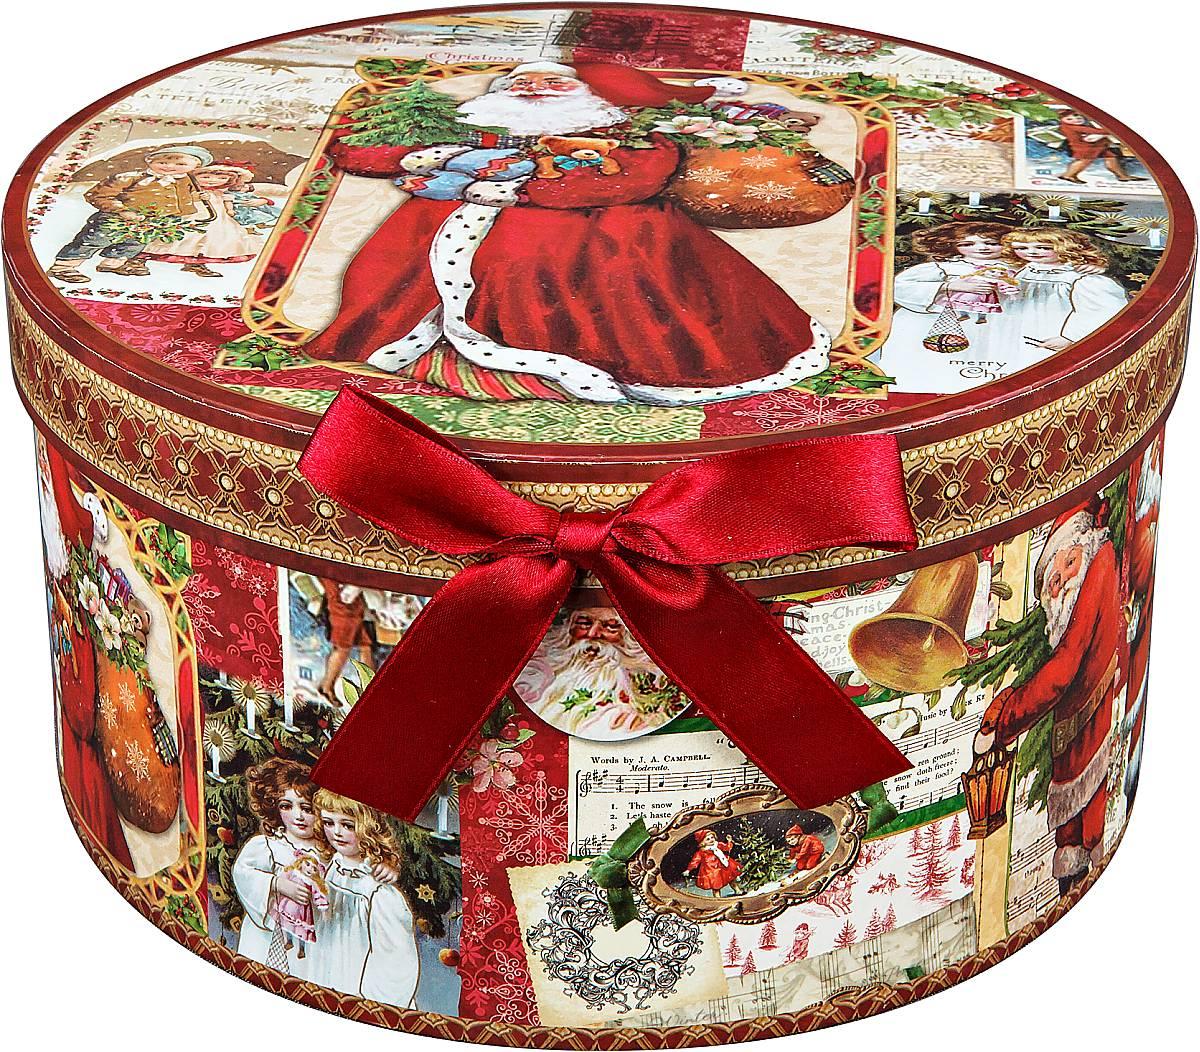 Коробка подарочная новогодняя Mister Christmas Дед Мороз и дети, круглая, 20 х 20 х 10 см1898XP 02Круглая картонная коробка Mister Christmas Дед Мороз и дети - это один из самых распространенных вариантов упаковки подарков. Любой, даже самый нестандартный подарок упакованный в такую коробку, создаст момент легкой интриги, а плотный картон сохранит содержимое в первоначальном виде. Оригинальный дизайн самой коробки будет долго напоминать владельцу о трогательных моментах получения подарка.